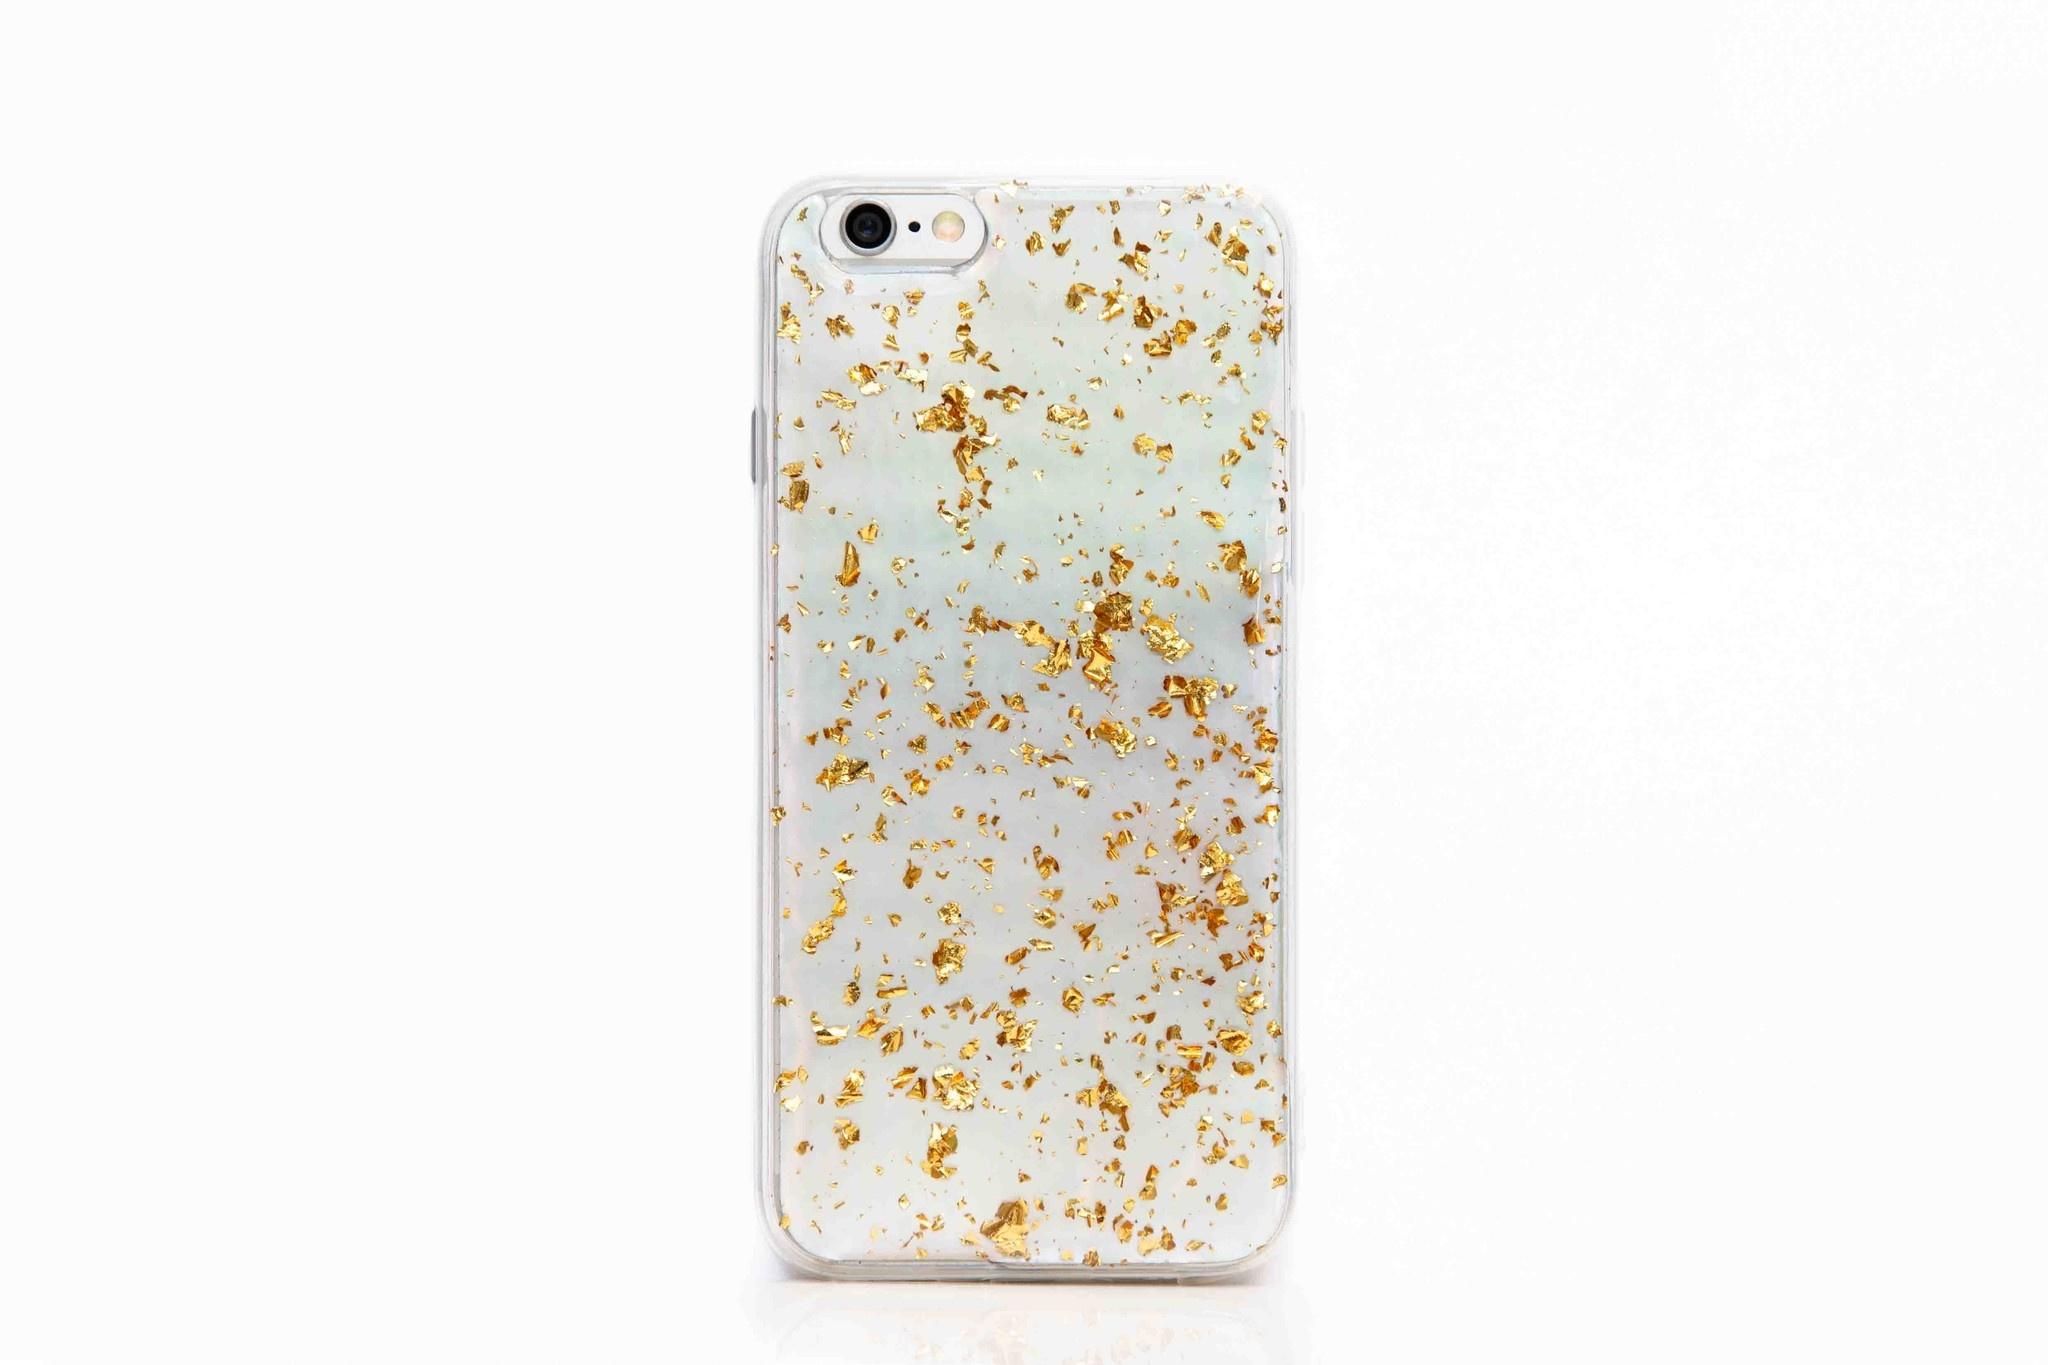 Smartphonehoesje iPhone 6s | Marmerlook met glitters | Parelmoer